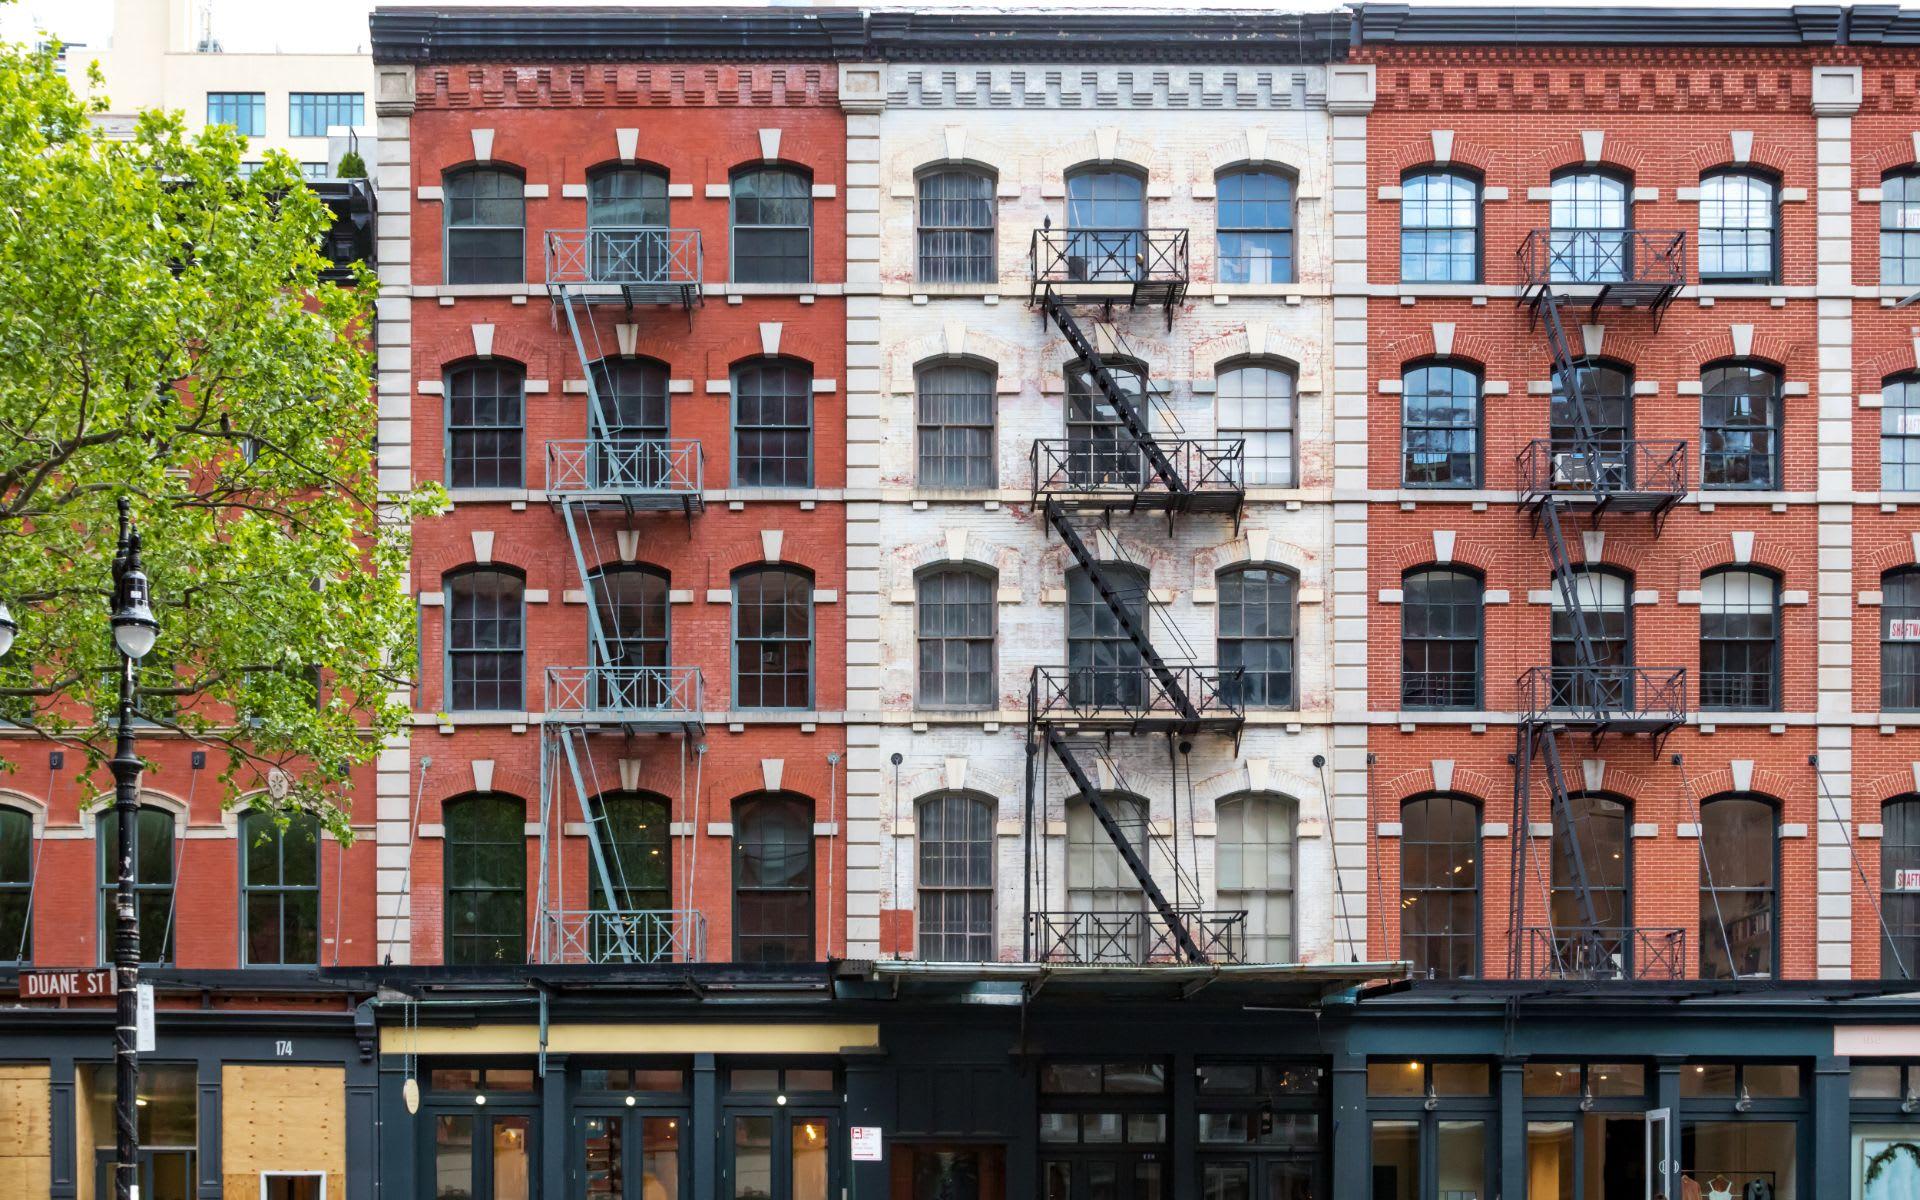 Tribeca photo